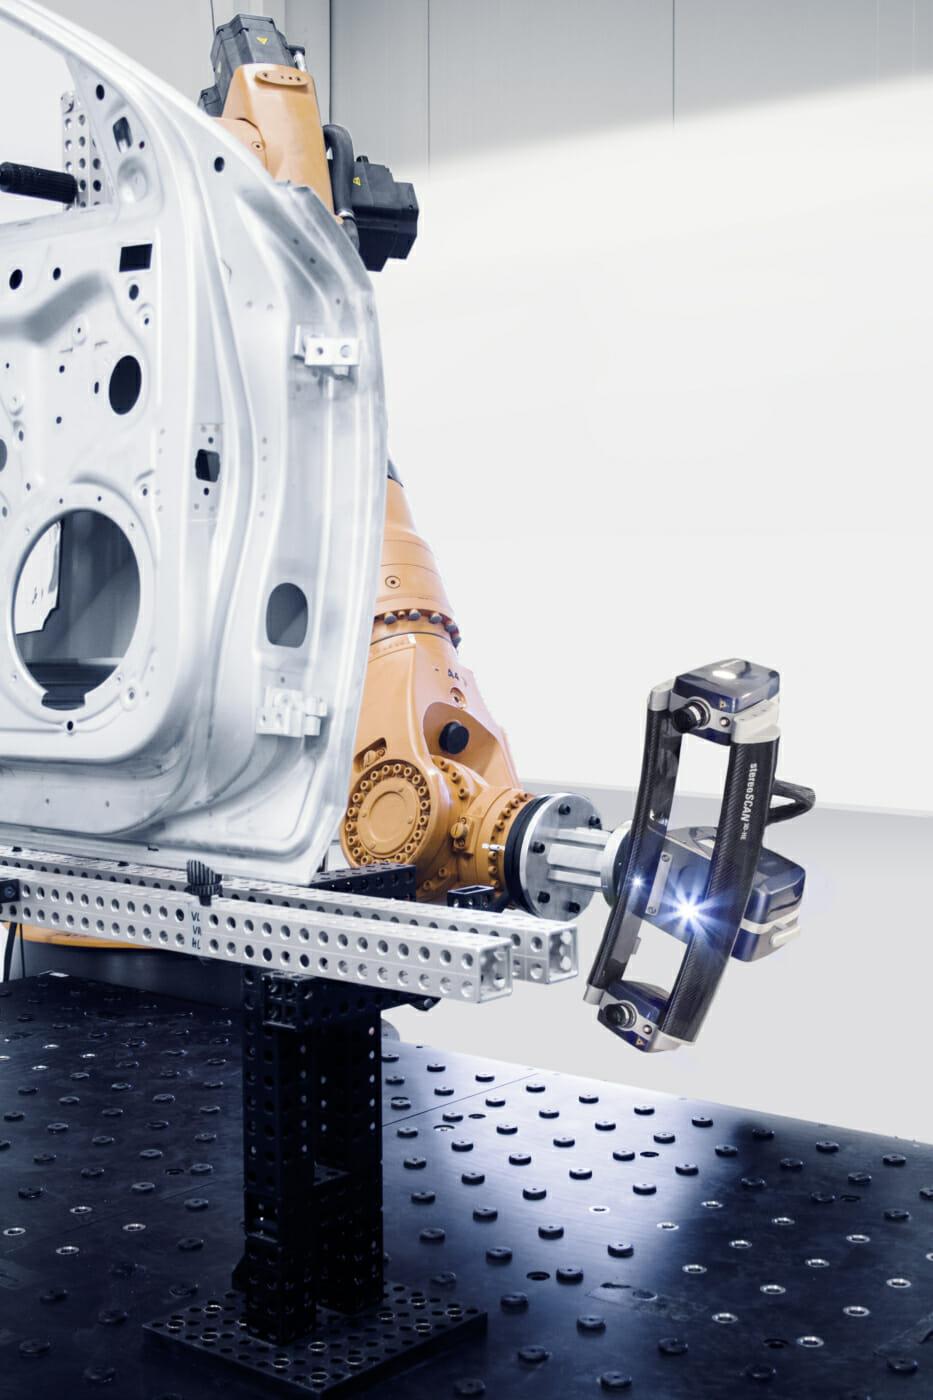 breuckmann_automatisiertes_3d_scannen